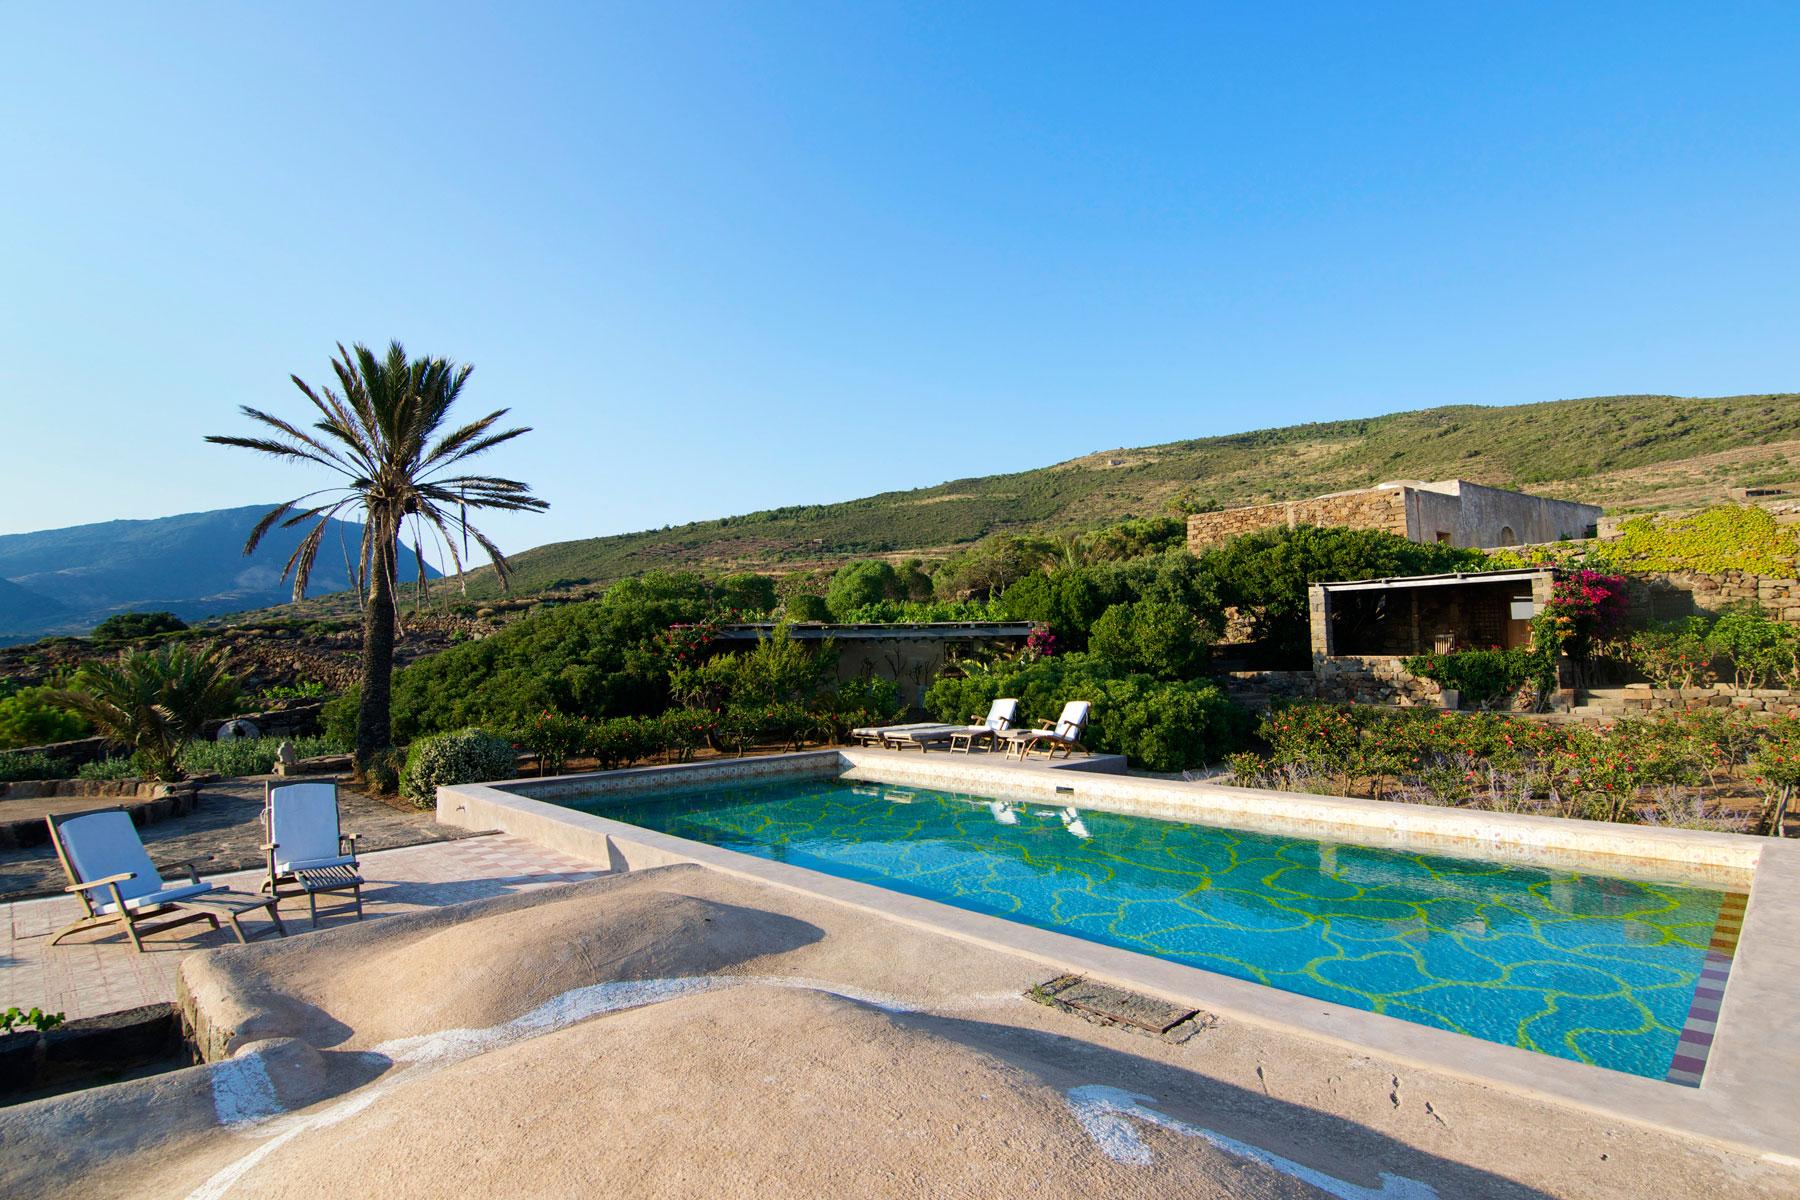 Tenuta borgia dammusi pantelleria - Dammusi con piscina pantelleria ...